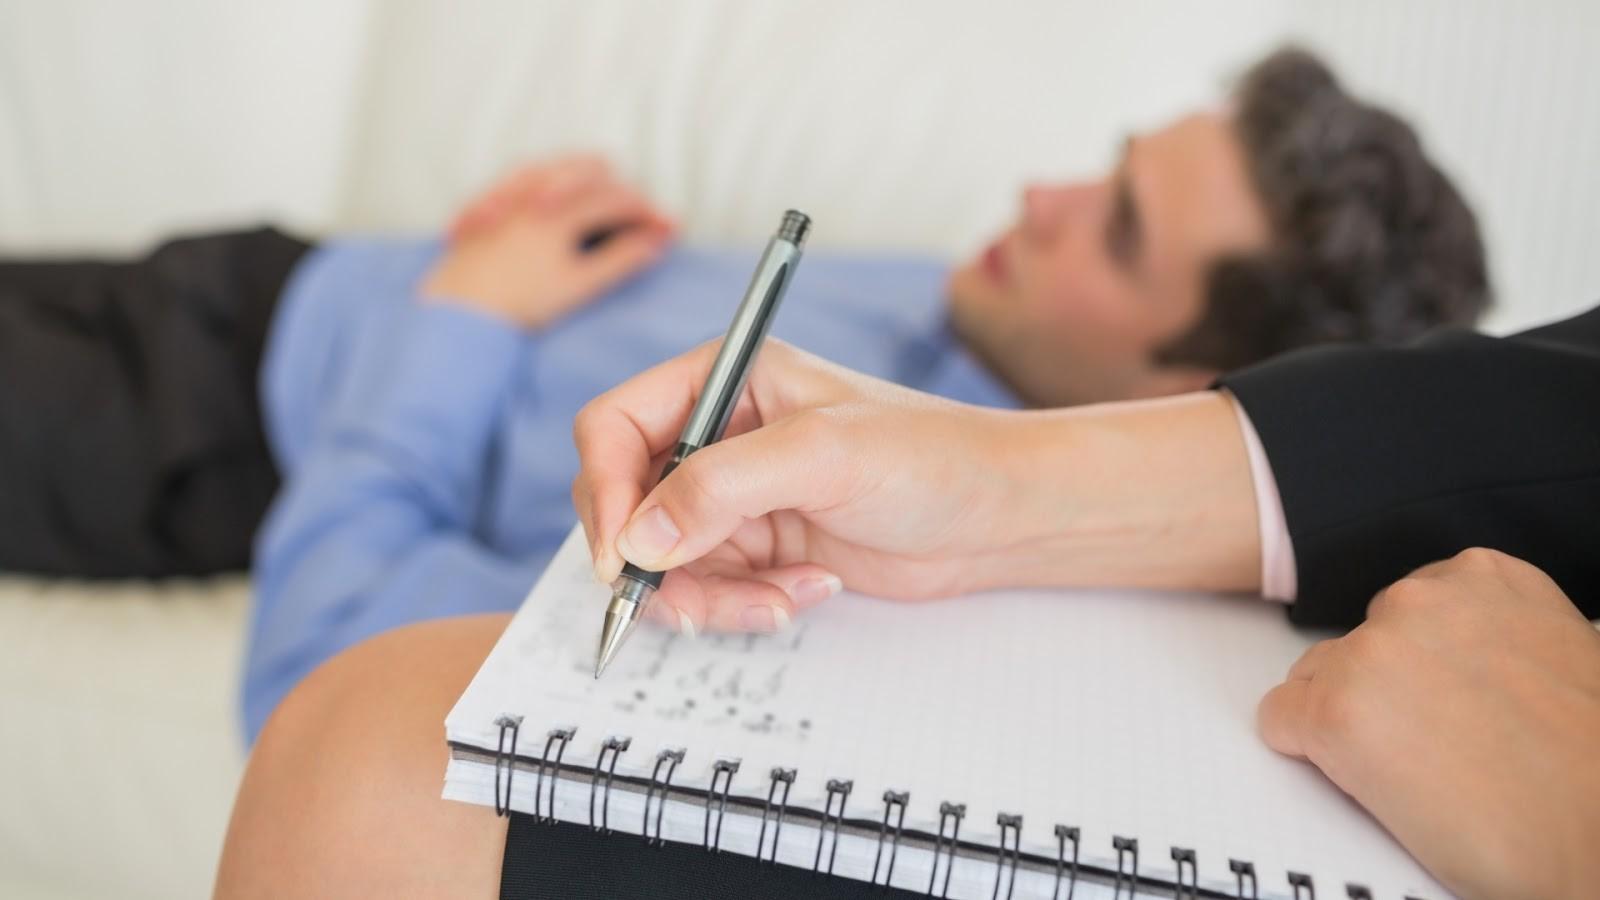 ¿Por qué es importante recurrir a un tratamiento psicológico?